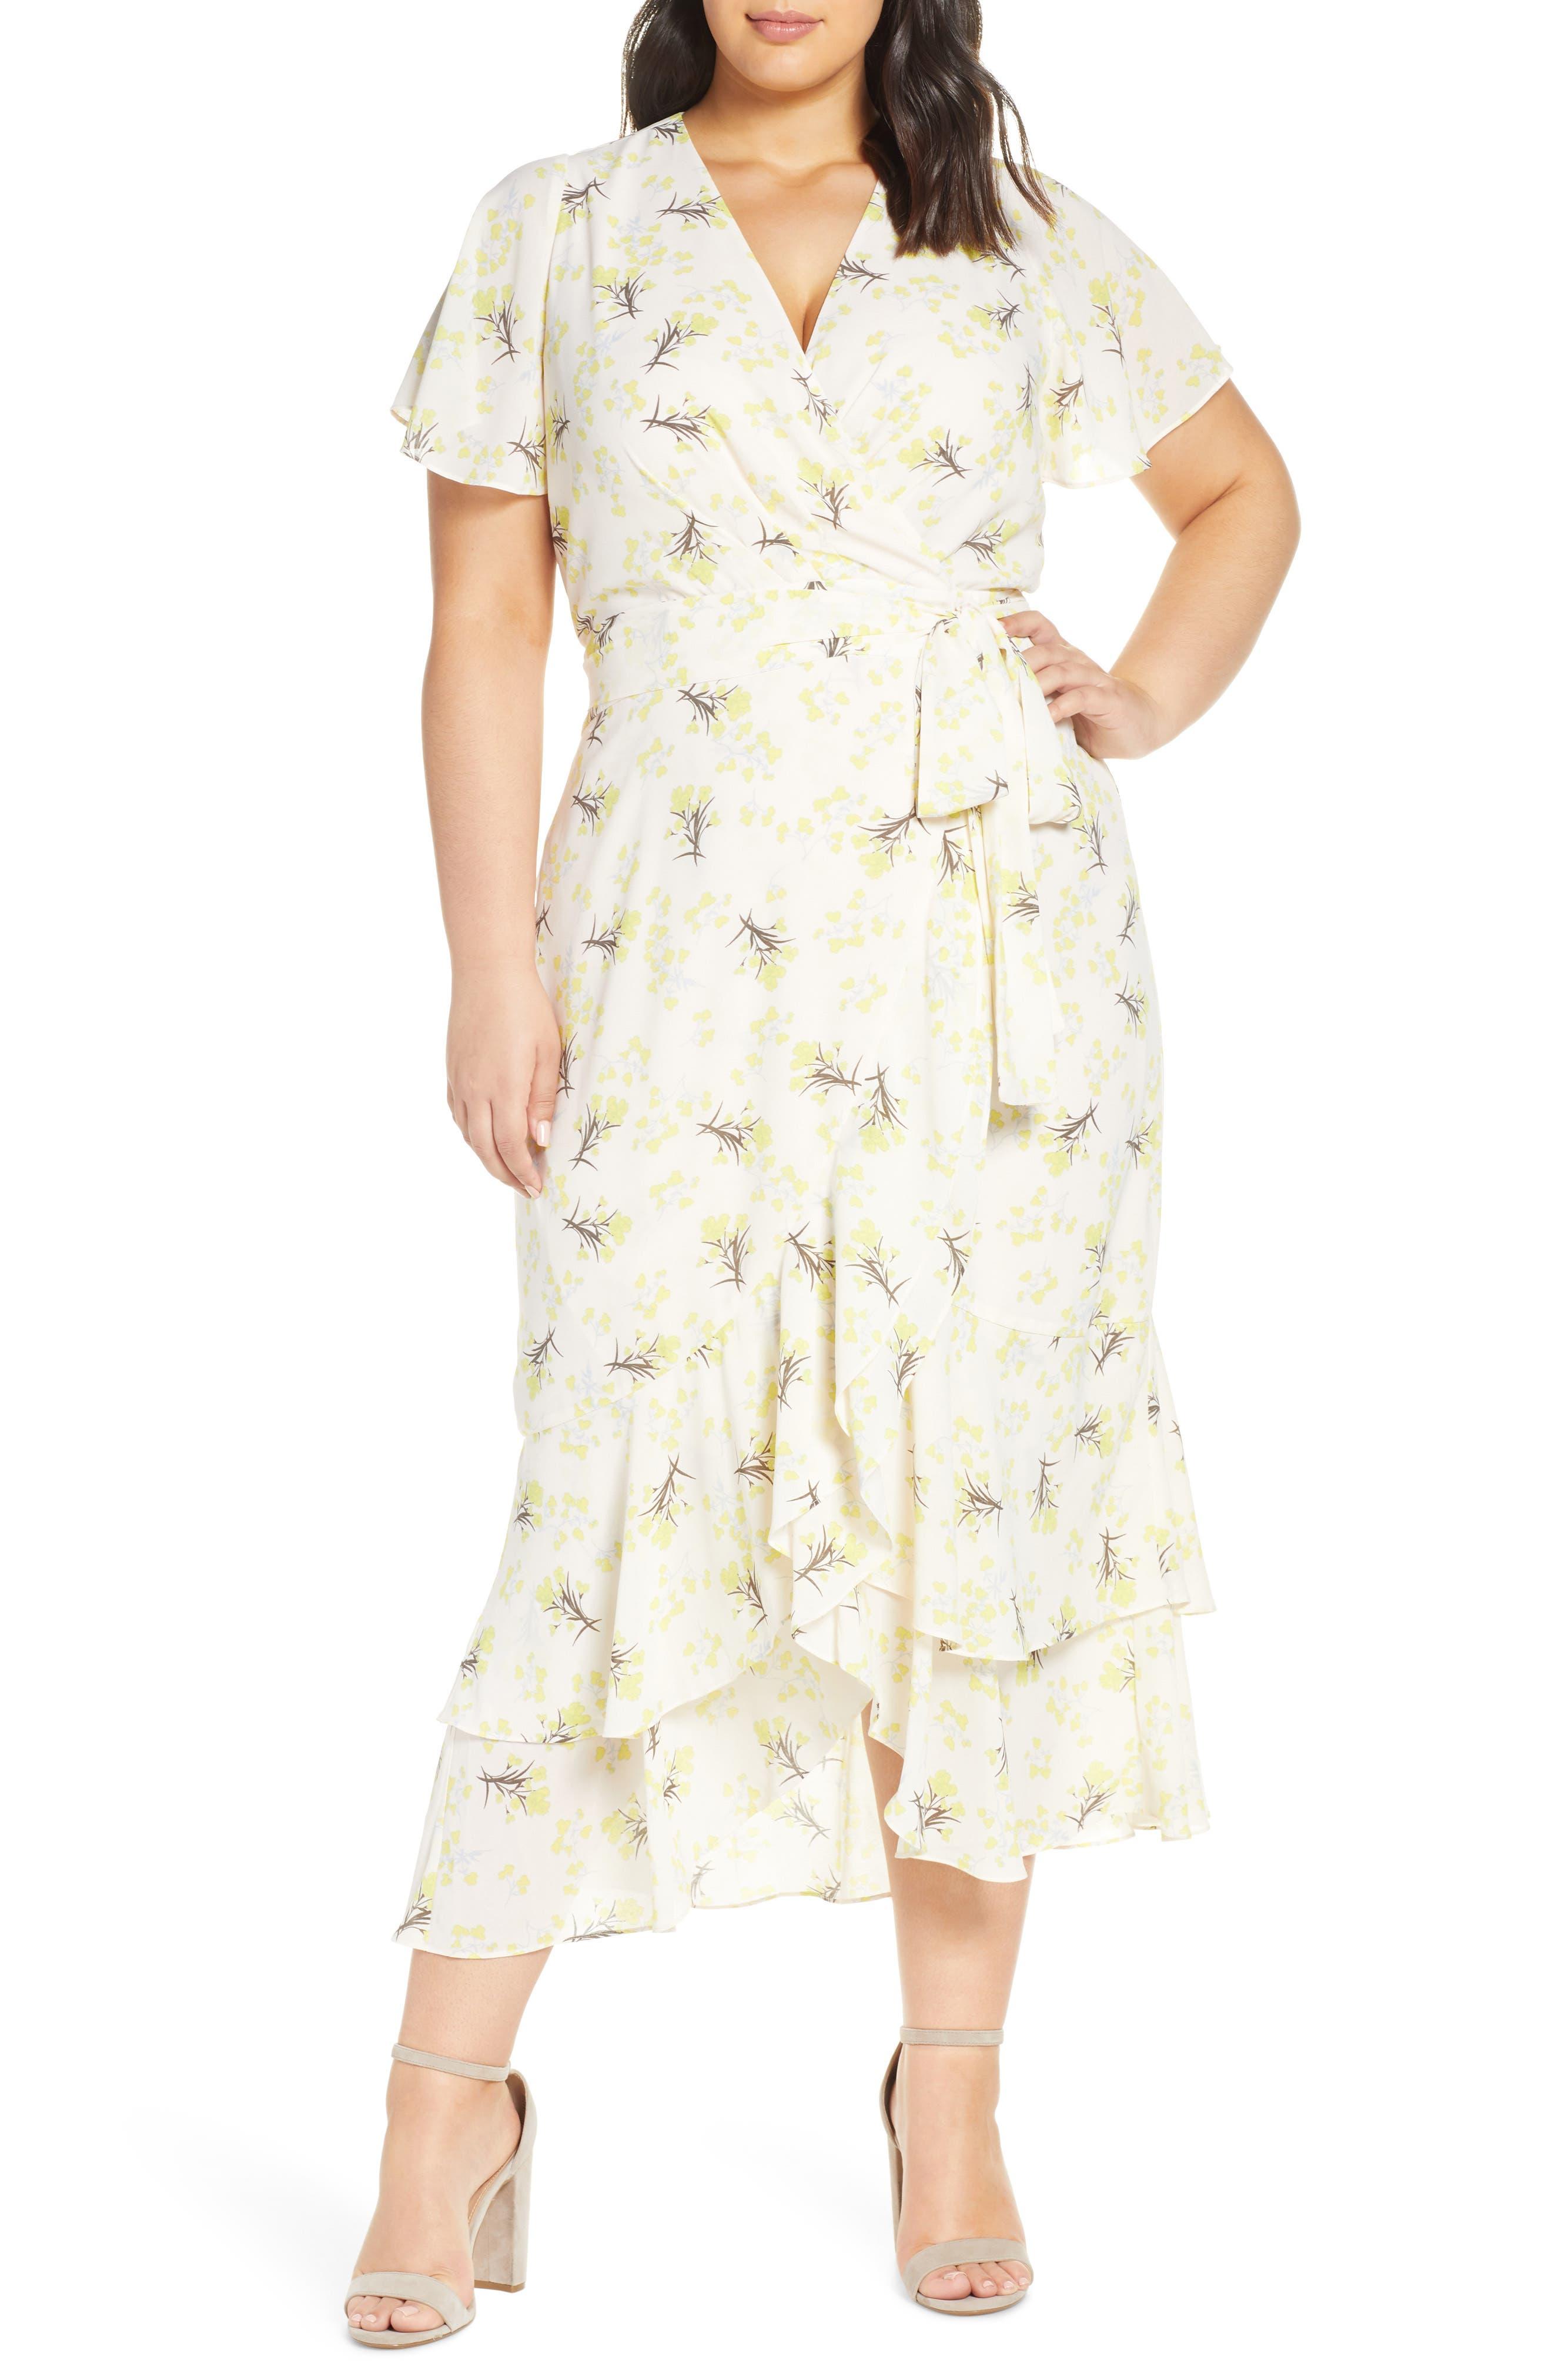 1930s Day Dresses, Tea Dresses, House Dresses Plus Size Womens Rachel Rachel Roy Faux Wrap Midi Dress $159.00 AT vintagedancer.com